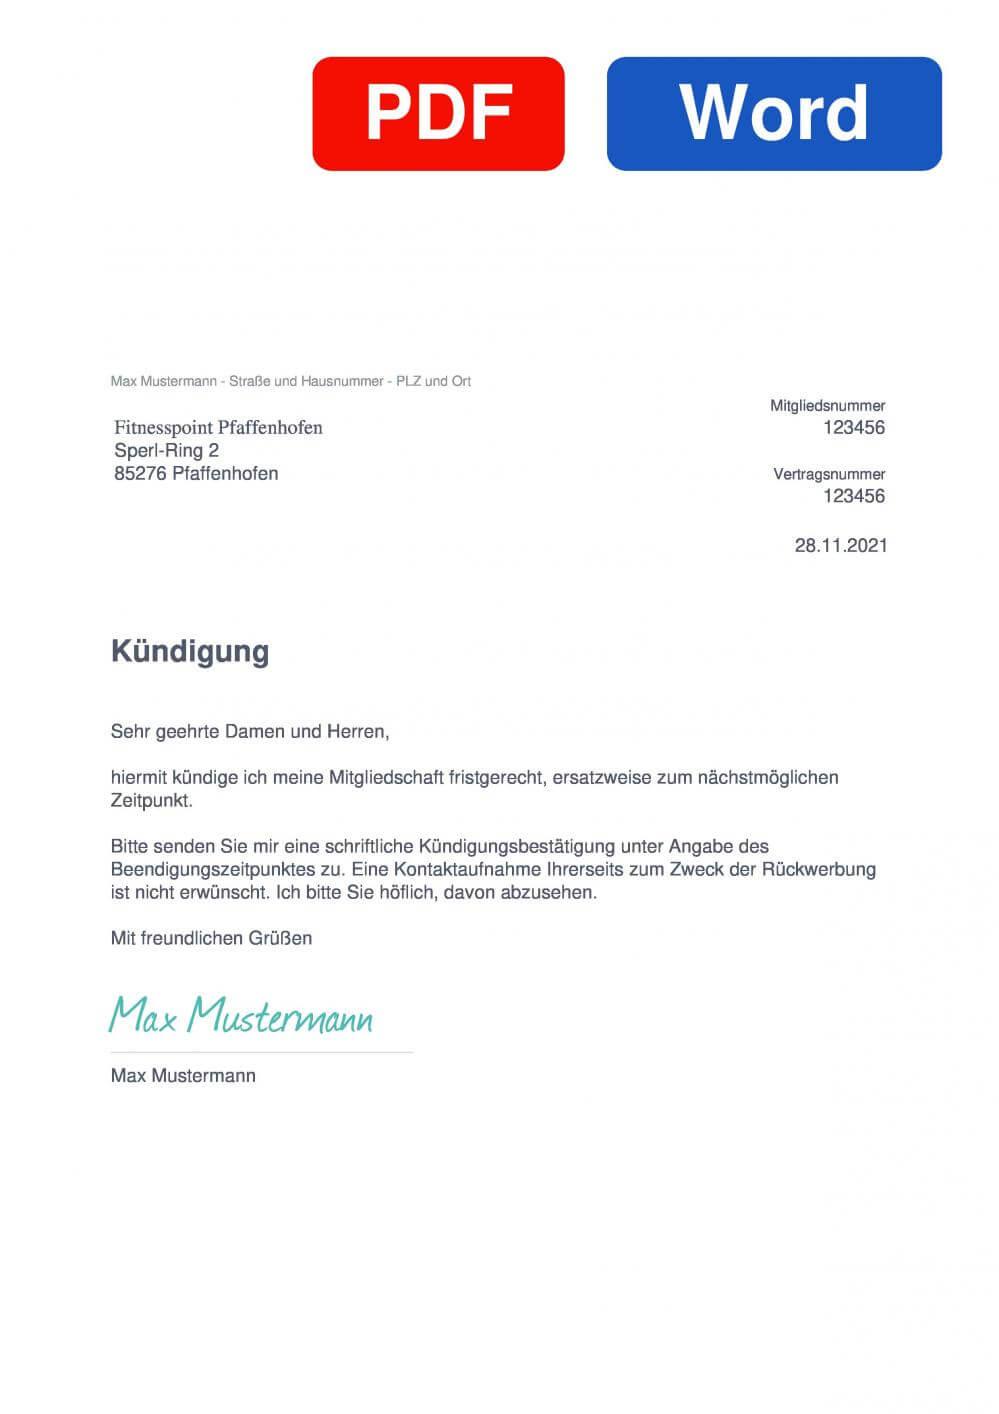 Fitnesspoint Pfaffenhofen Muster Vorlage für Kündigungsschreiben